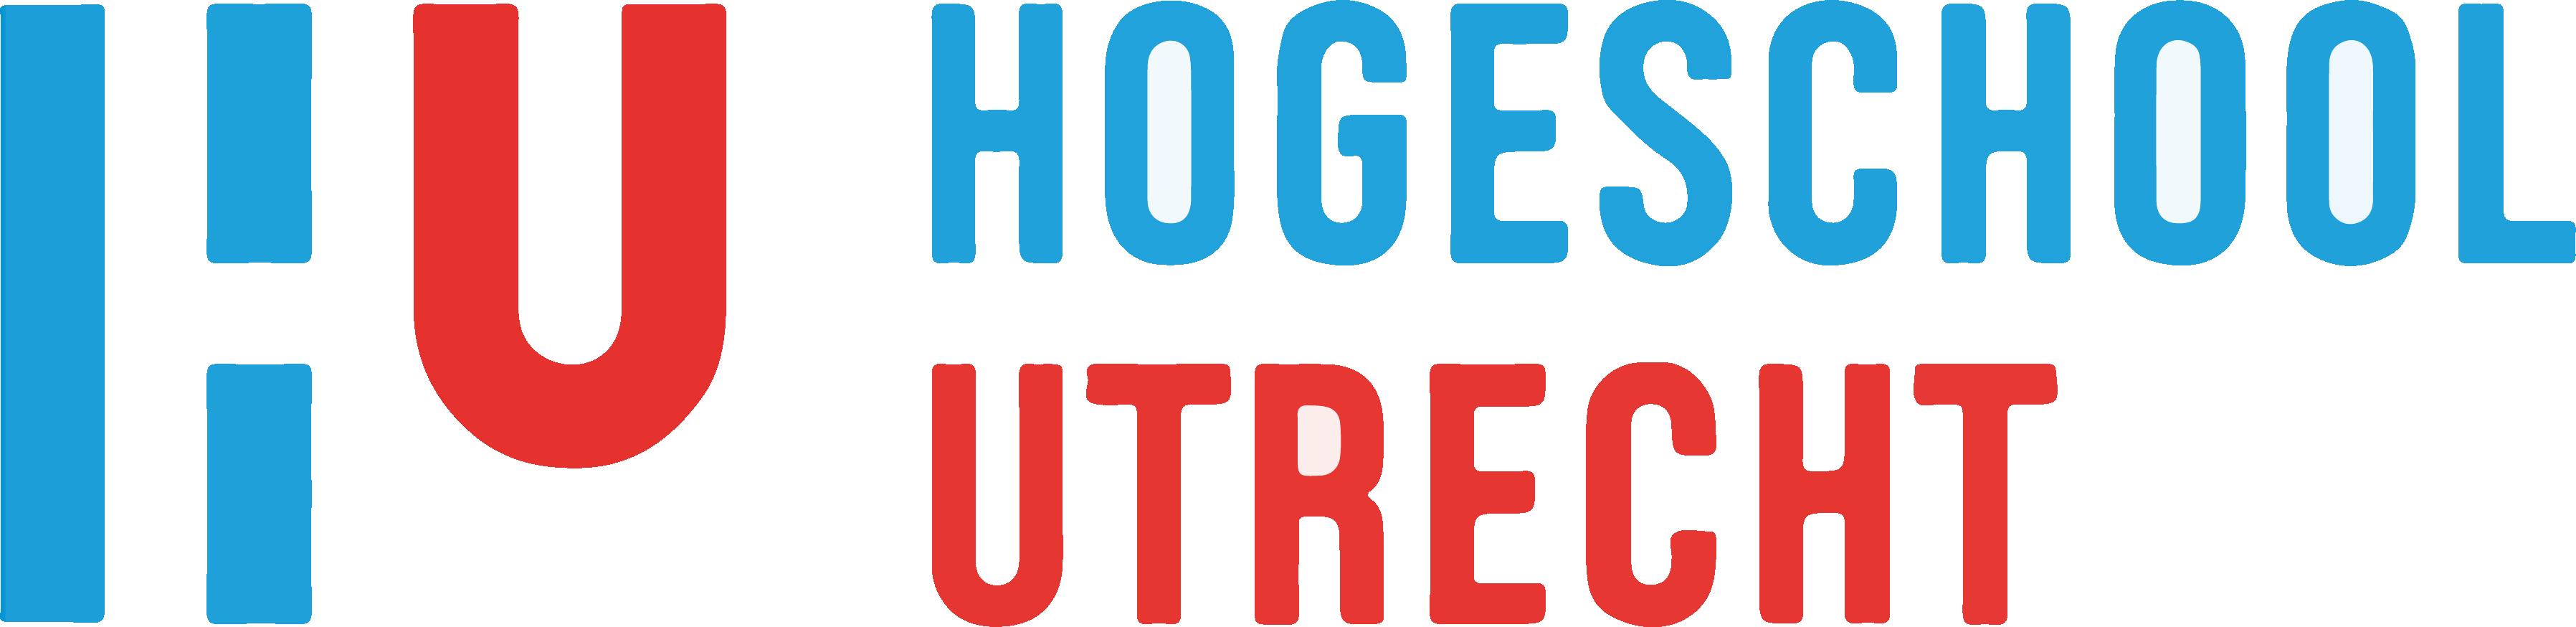 Logo Hogeschool Utrecht_2